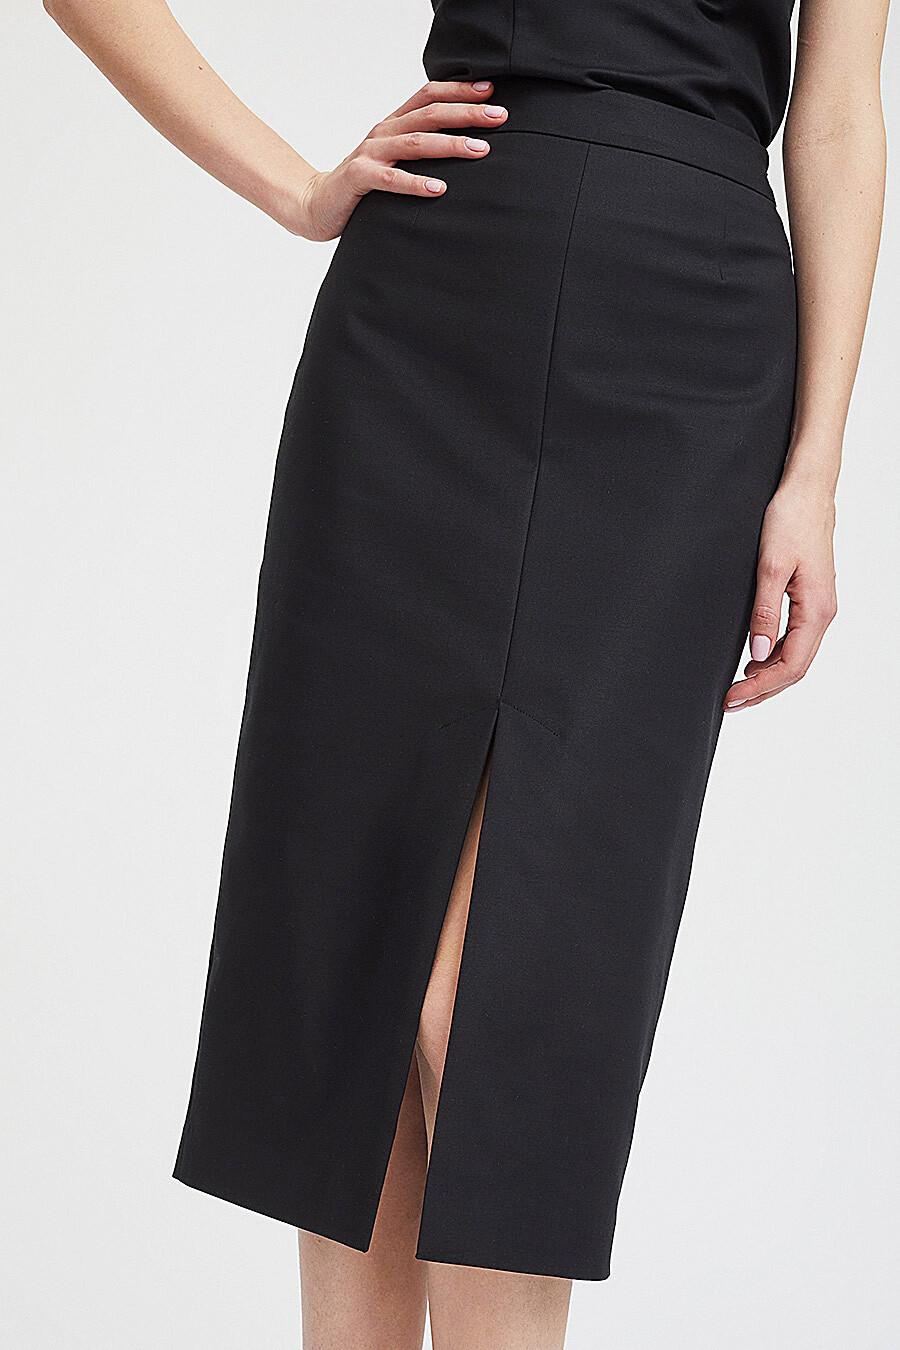 Юбка для женщин CALISTA 239396 купить оптом от производителя. Совместная покупка женской одежды в OptMoyo